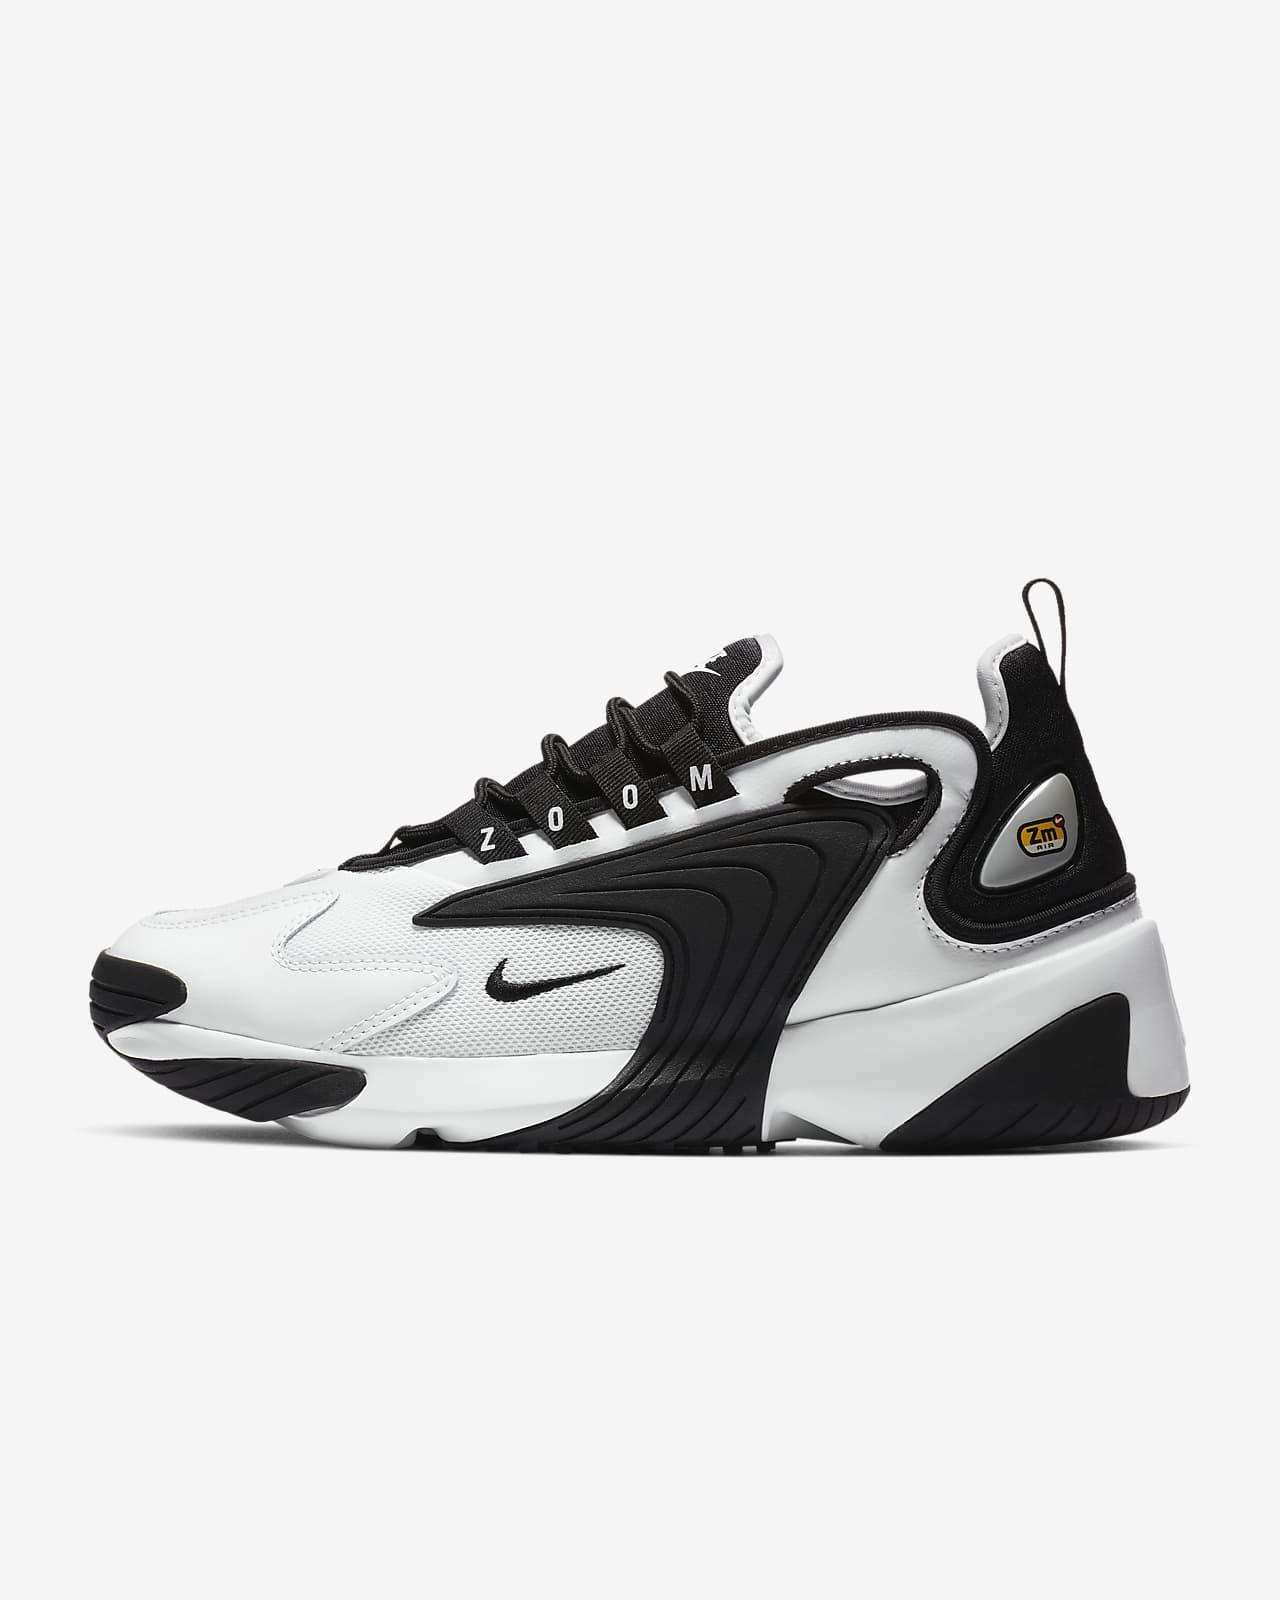 Cipő NIKE Zoom 2K AO0354 100 WhiteBlack Sneakers